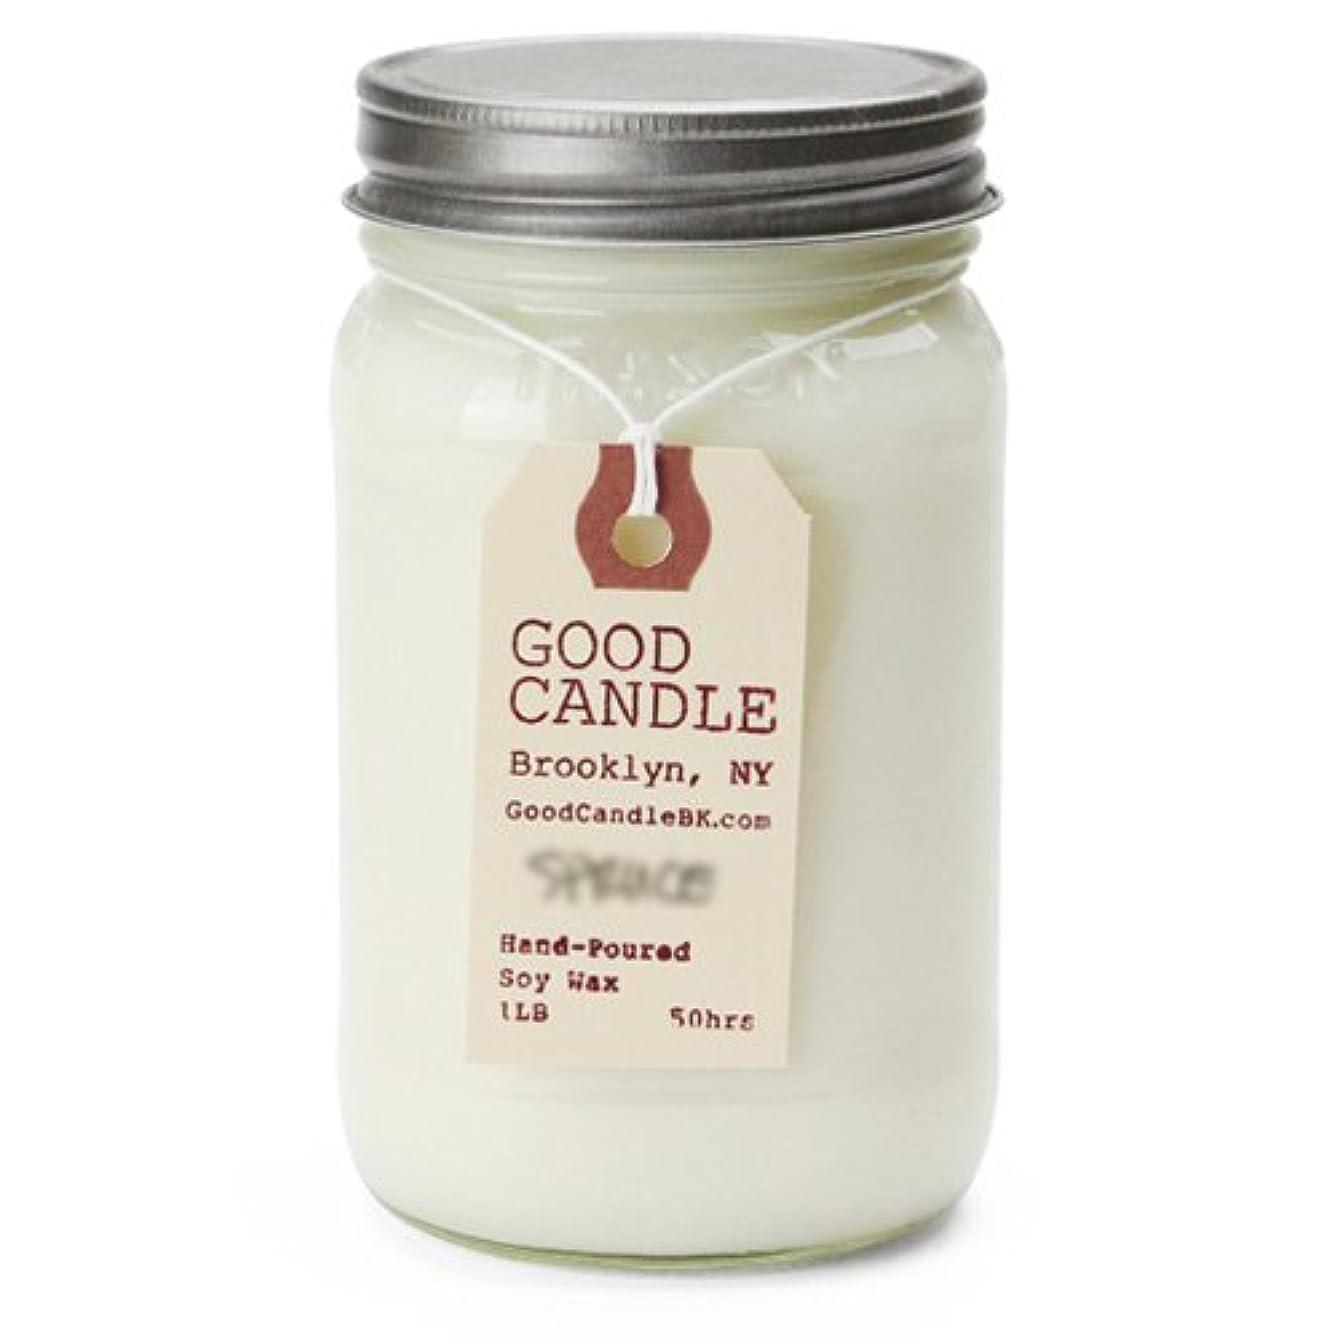 ラボ準備ができてミトングッドキャンドル 1ポンド メイソンジャー キャンドル Good Candle 1LB Mason jar candle [ bayberry ] 正規品